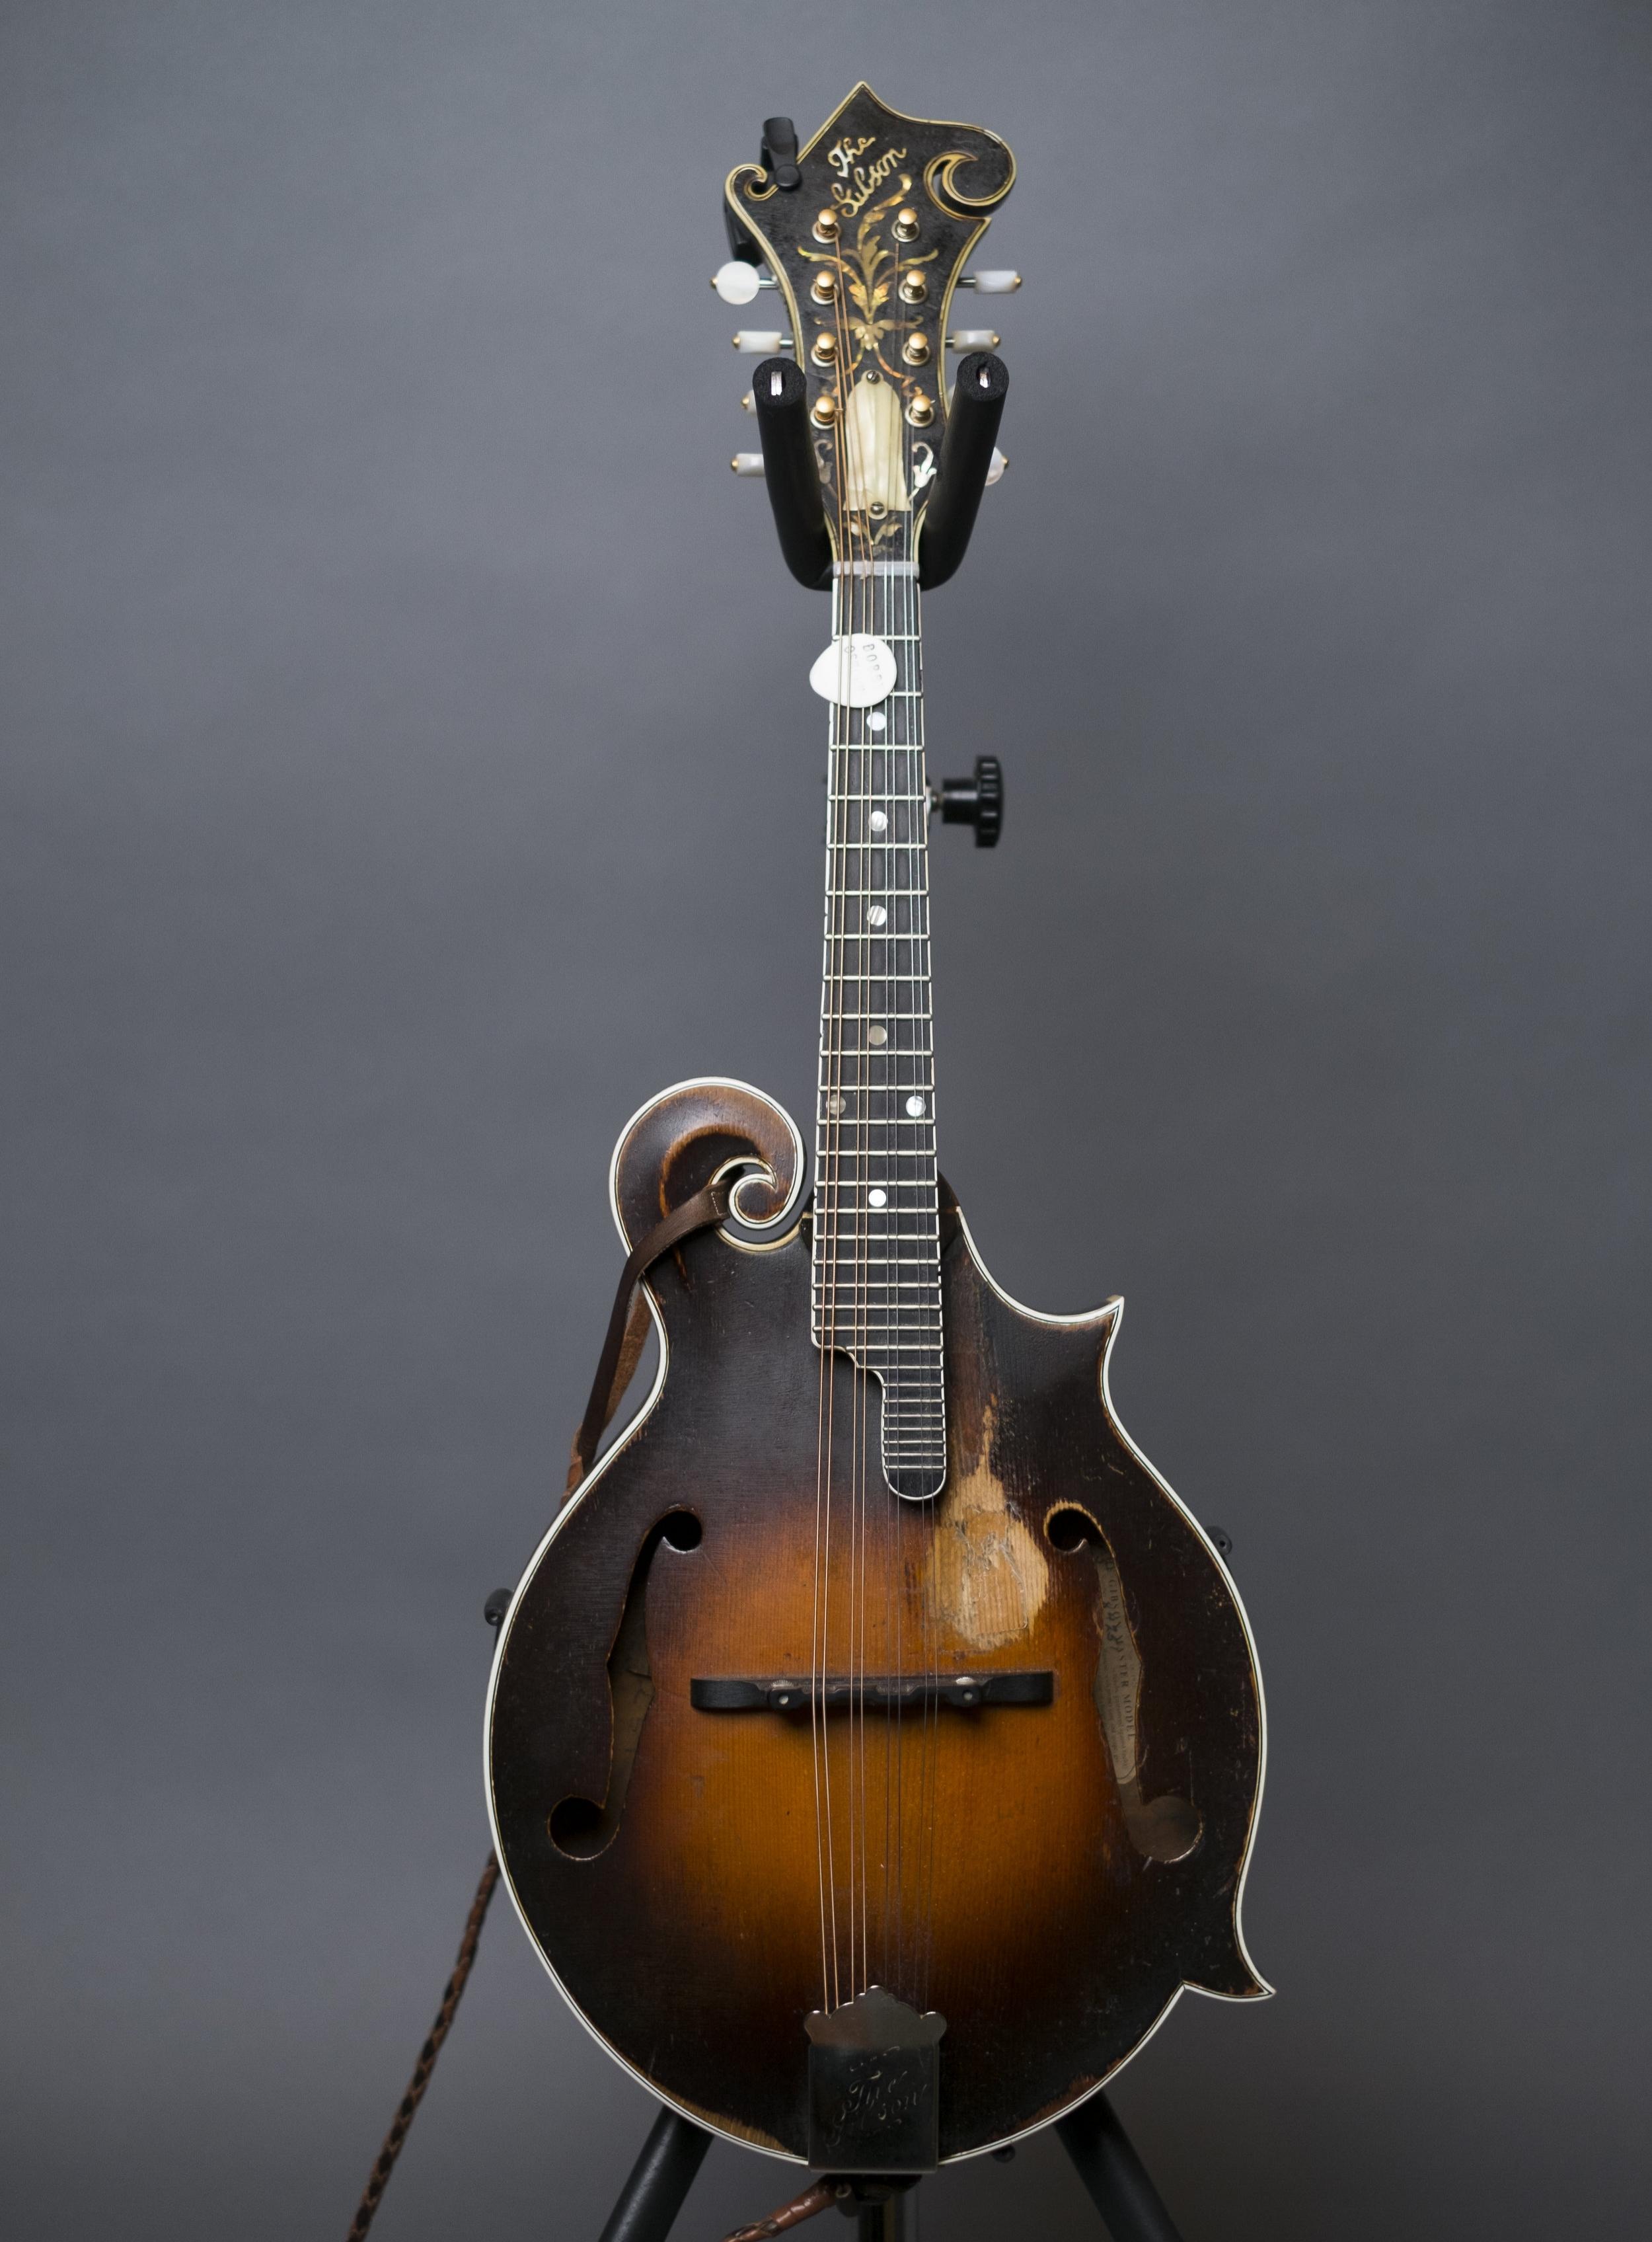 Bobby Osborne's 1925 Gibson F5